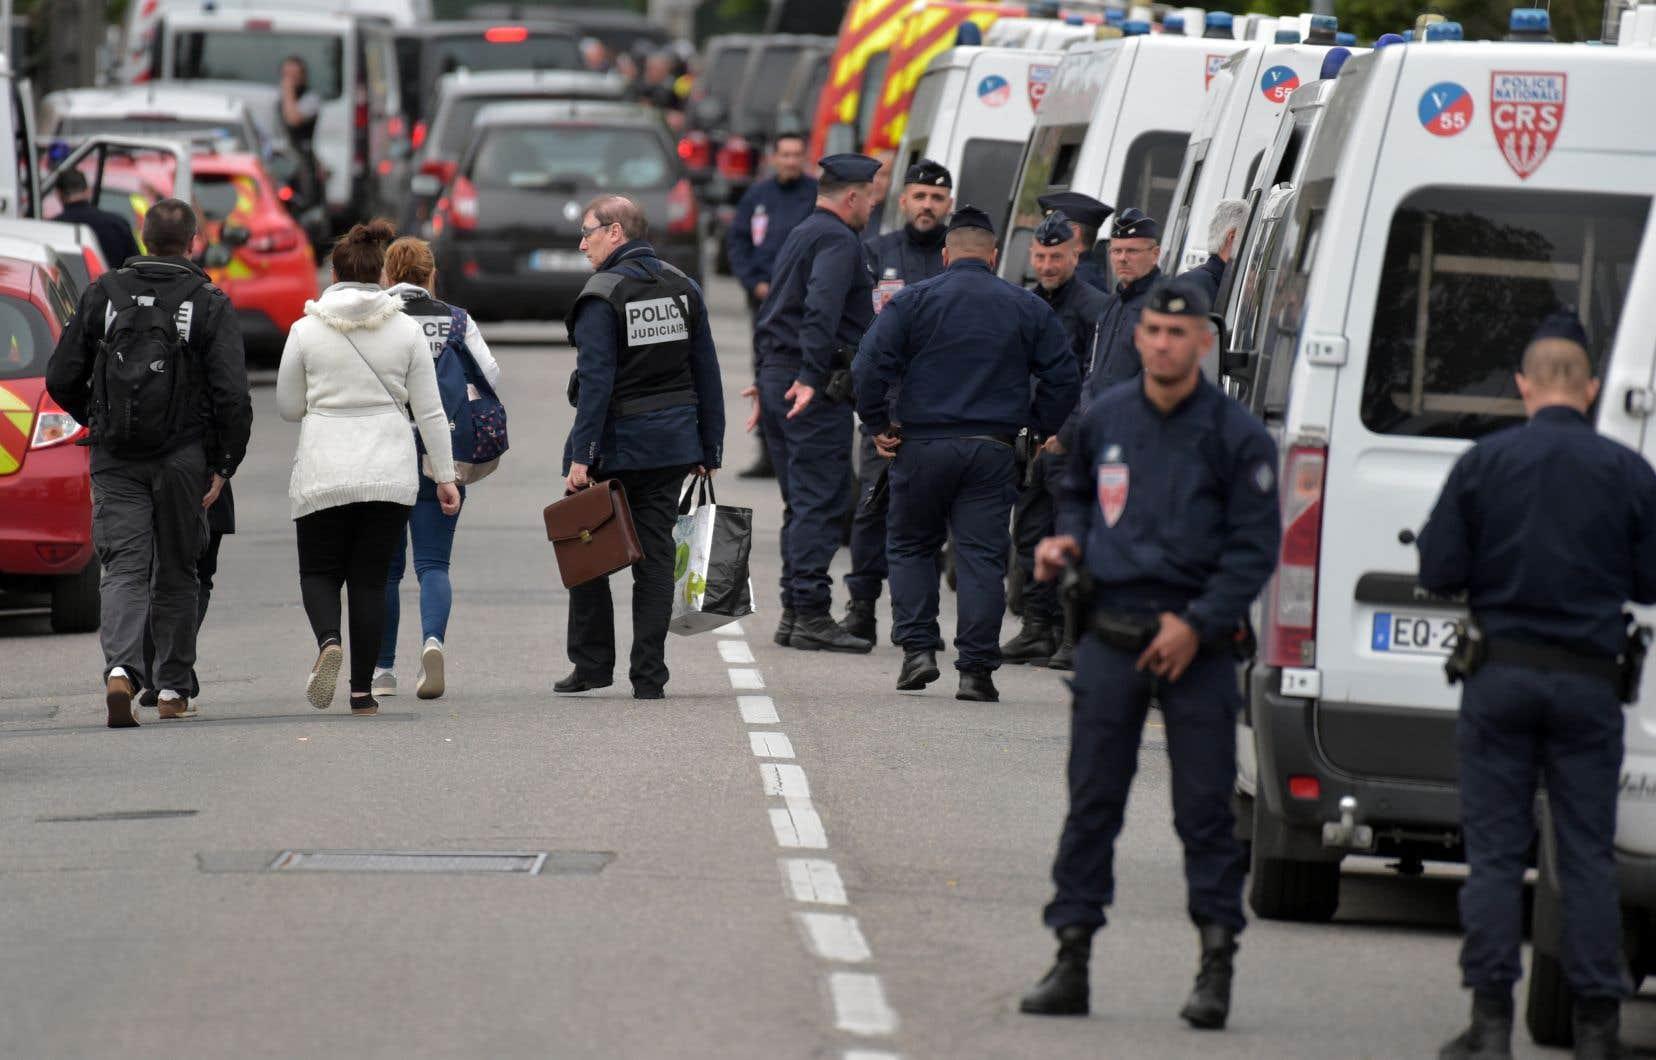 La police a verrouillé le quartier, évacuant certains bâtiments et ordonnant aux autres habitants de rester à l'intérieur.